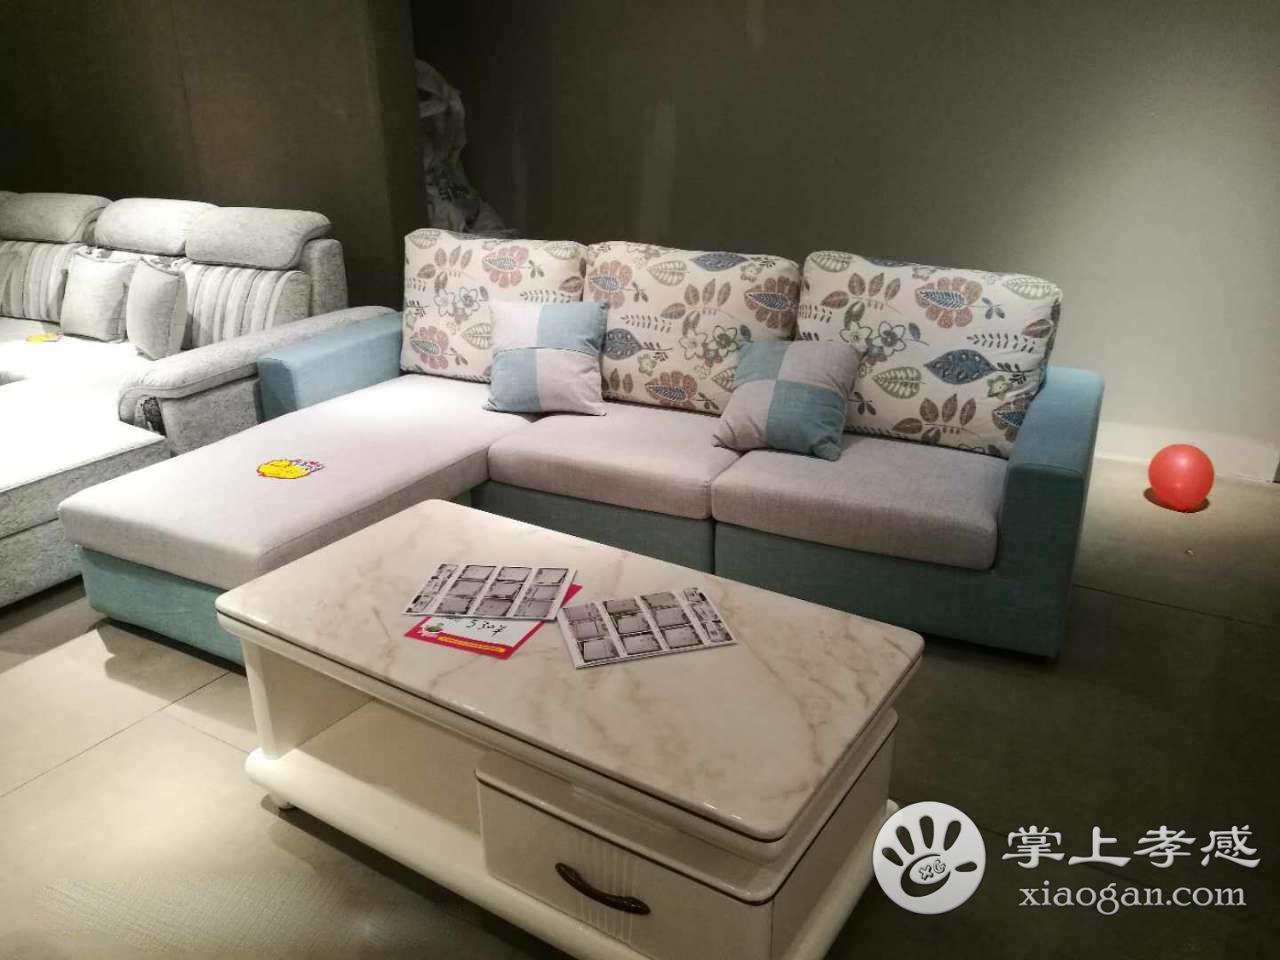 好沙发,半价处理!